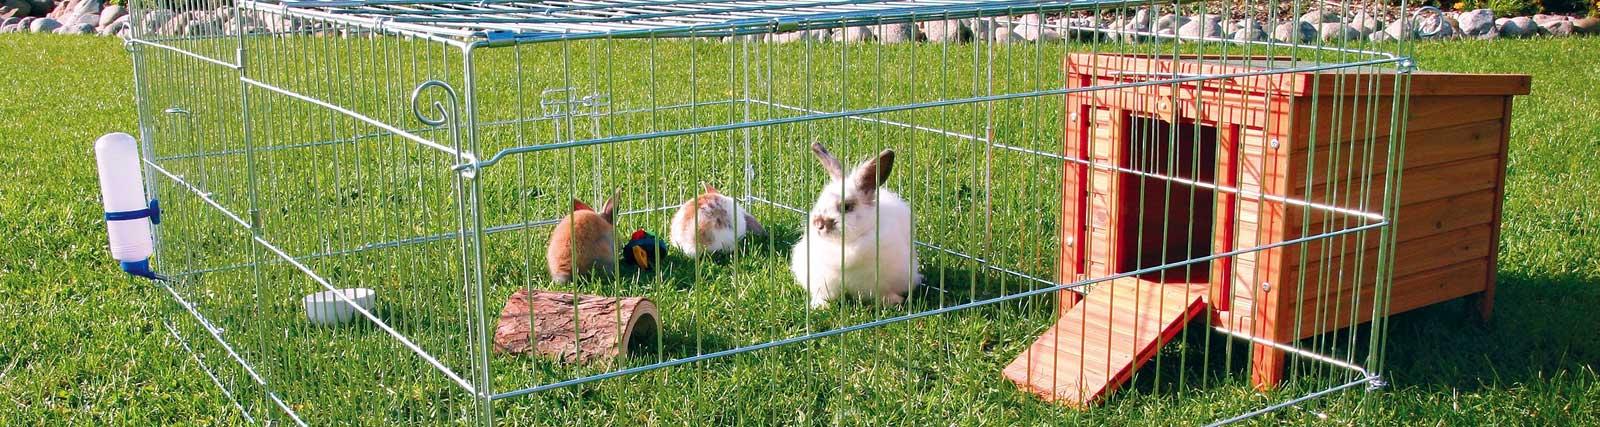 Freilaufgehege für Kaninchen und Meerschweinchen günstig bestellen